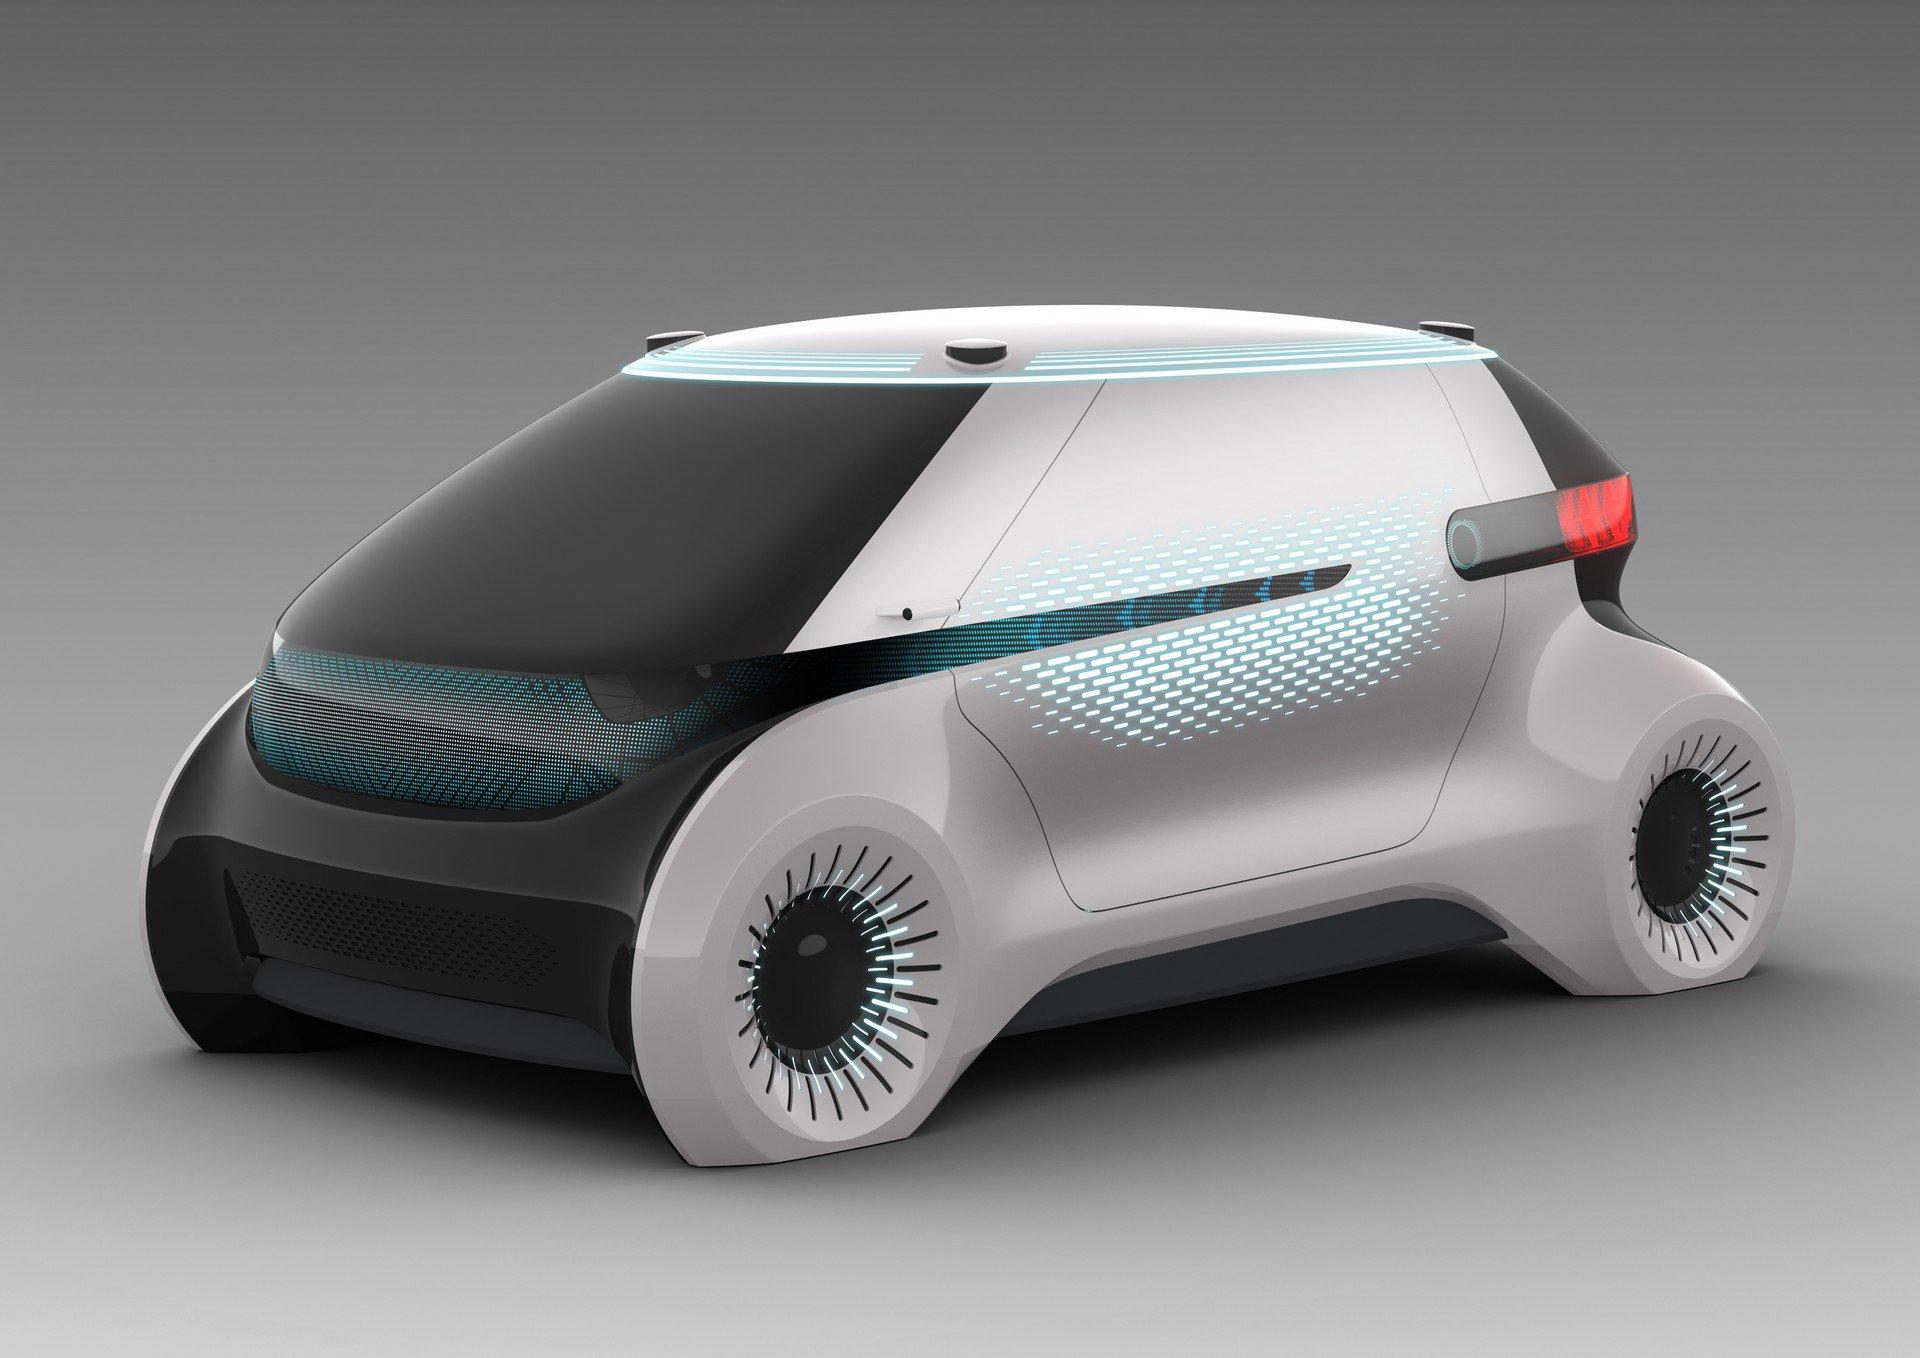 Hyundai MobisAutonomous Driving Interior Concept (1)